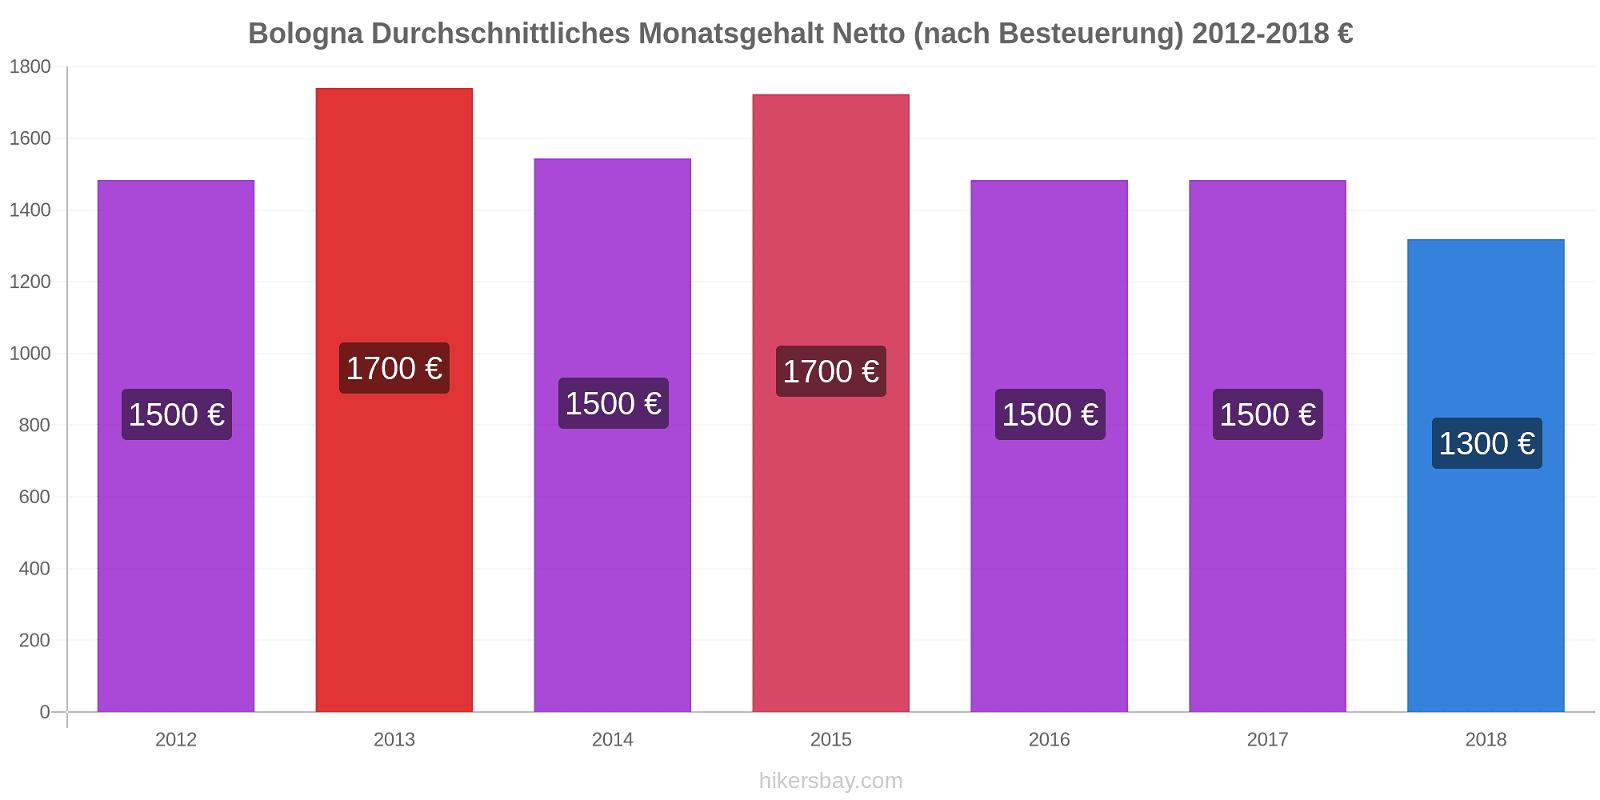 Bologna Preisänderungen Durchschnittliches Monatsgehalt Netto (nach Besteuerung) hikersbay.com